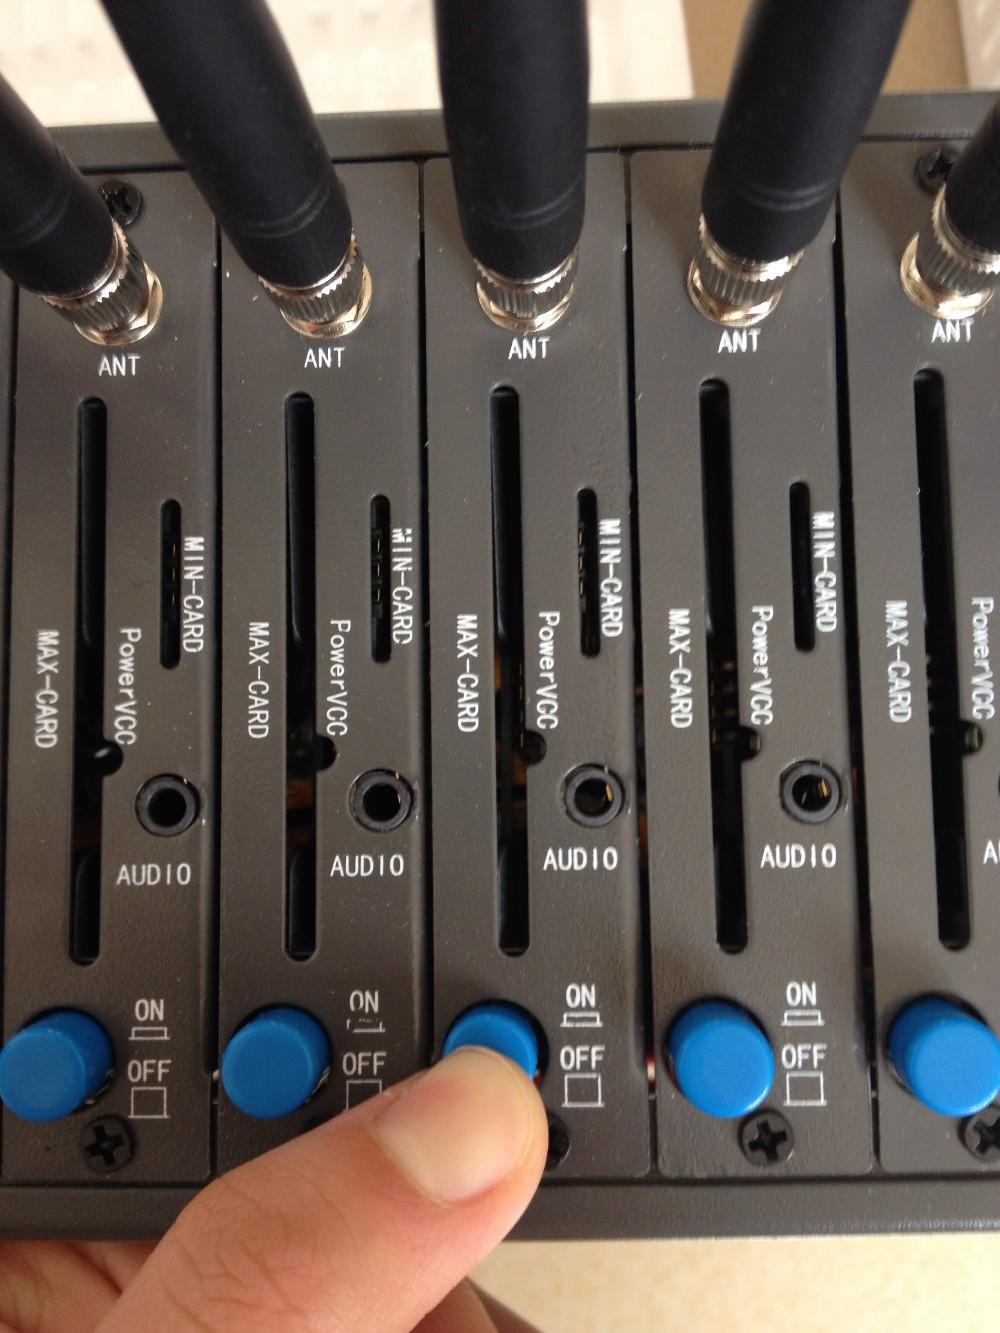 Wavecom 16 ports wavecom q2303 modem pool with cheapest gsm module Sms massa gsm modem(China (Mainland))